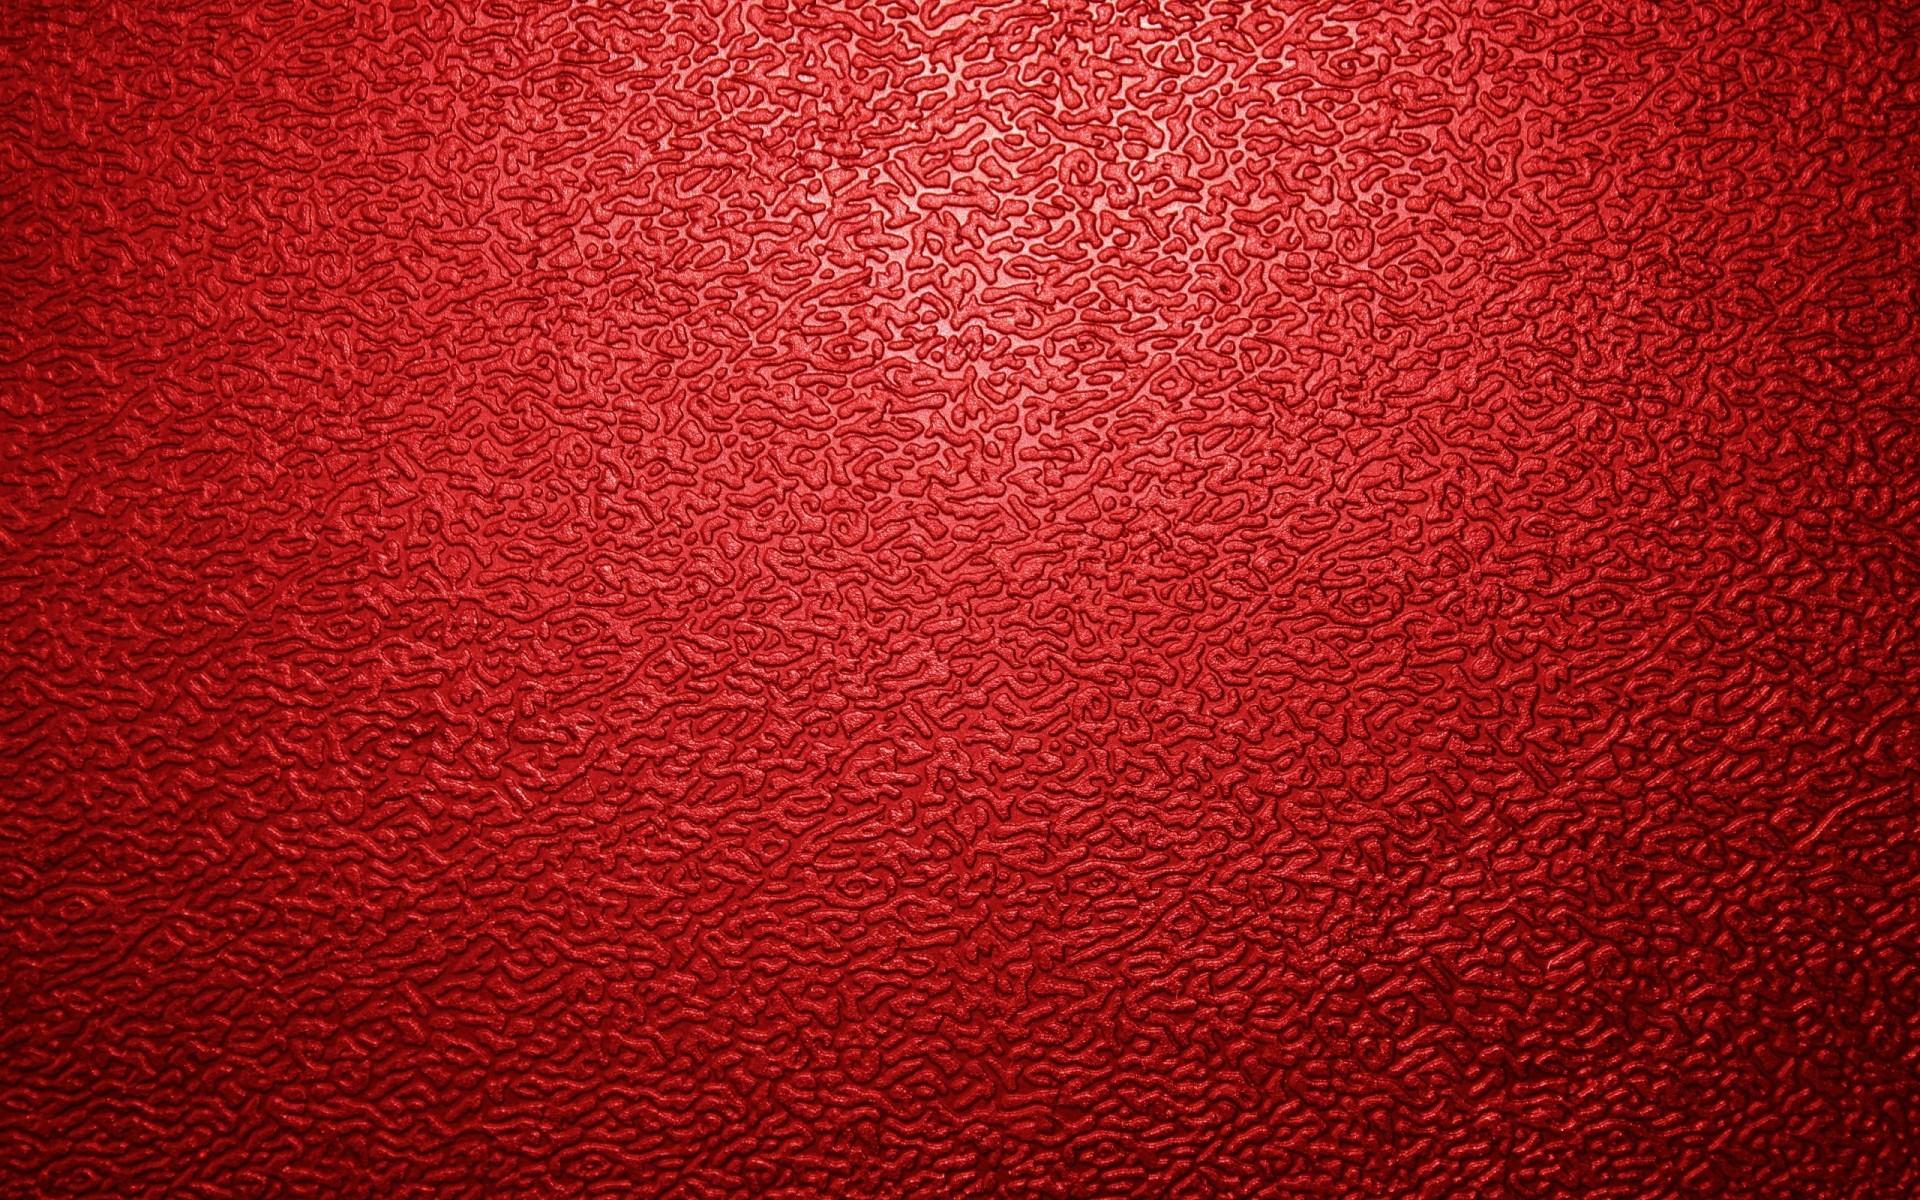 Crisp Red Wallpaper For Desktop